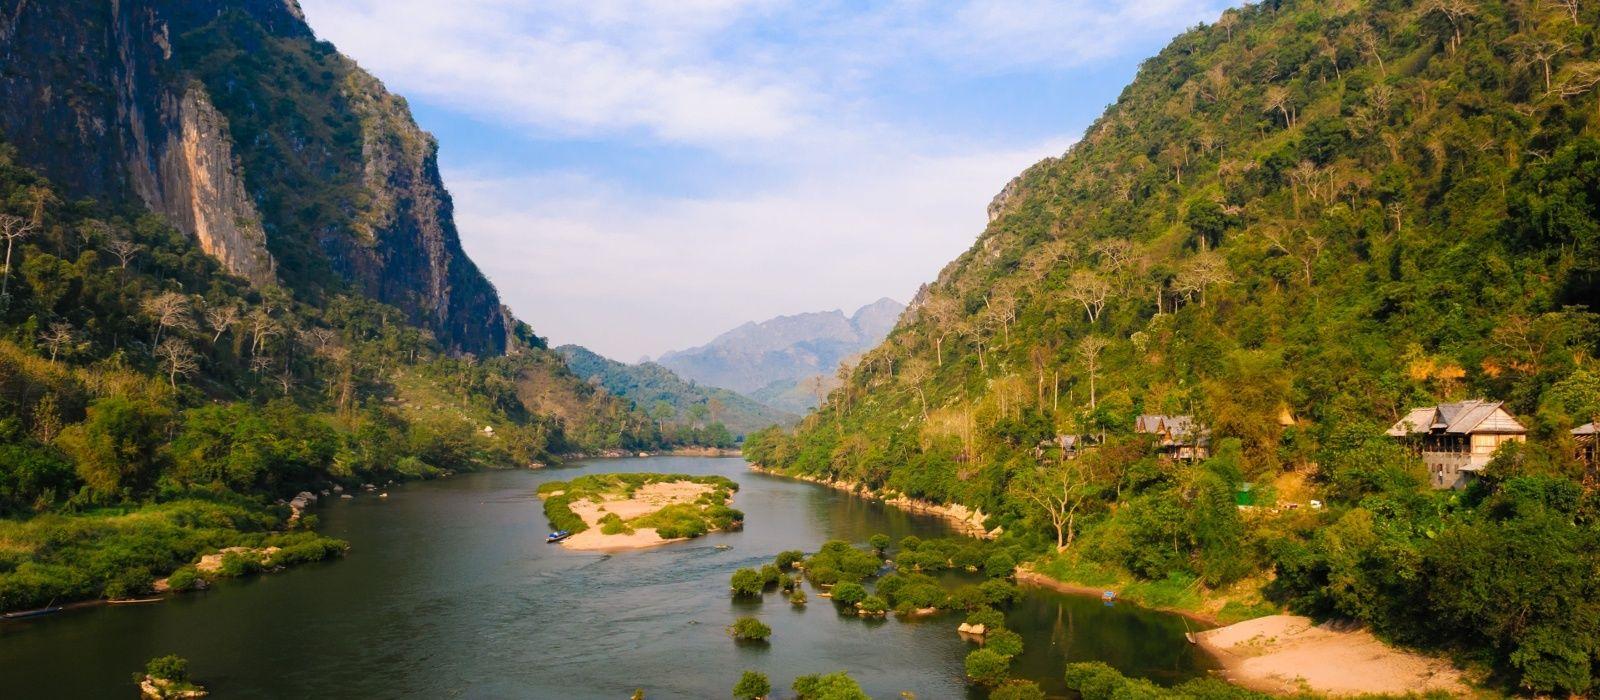 Reiseziel Nong Khiaw Laos